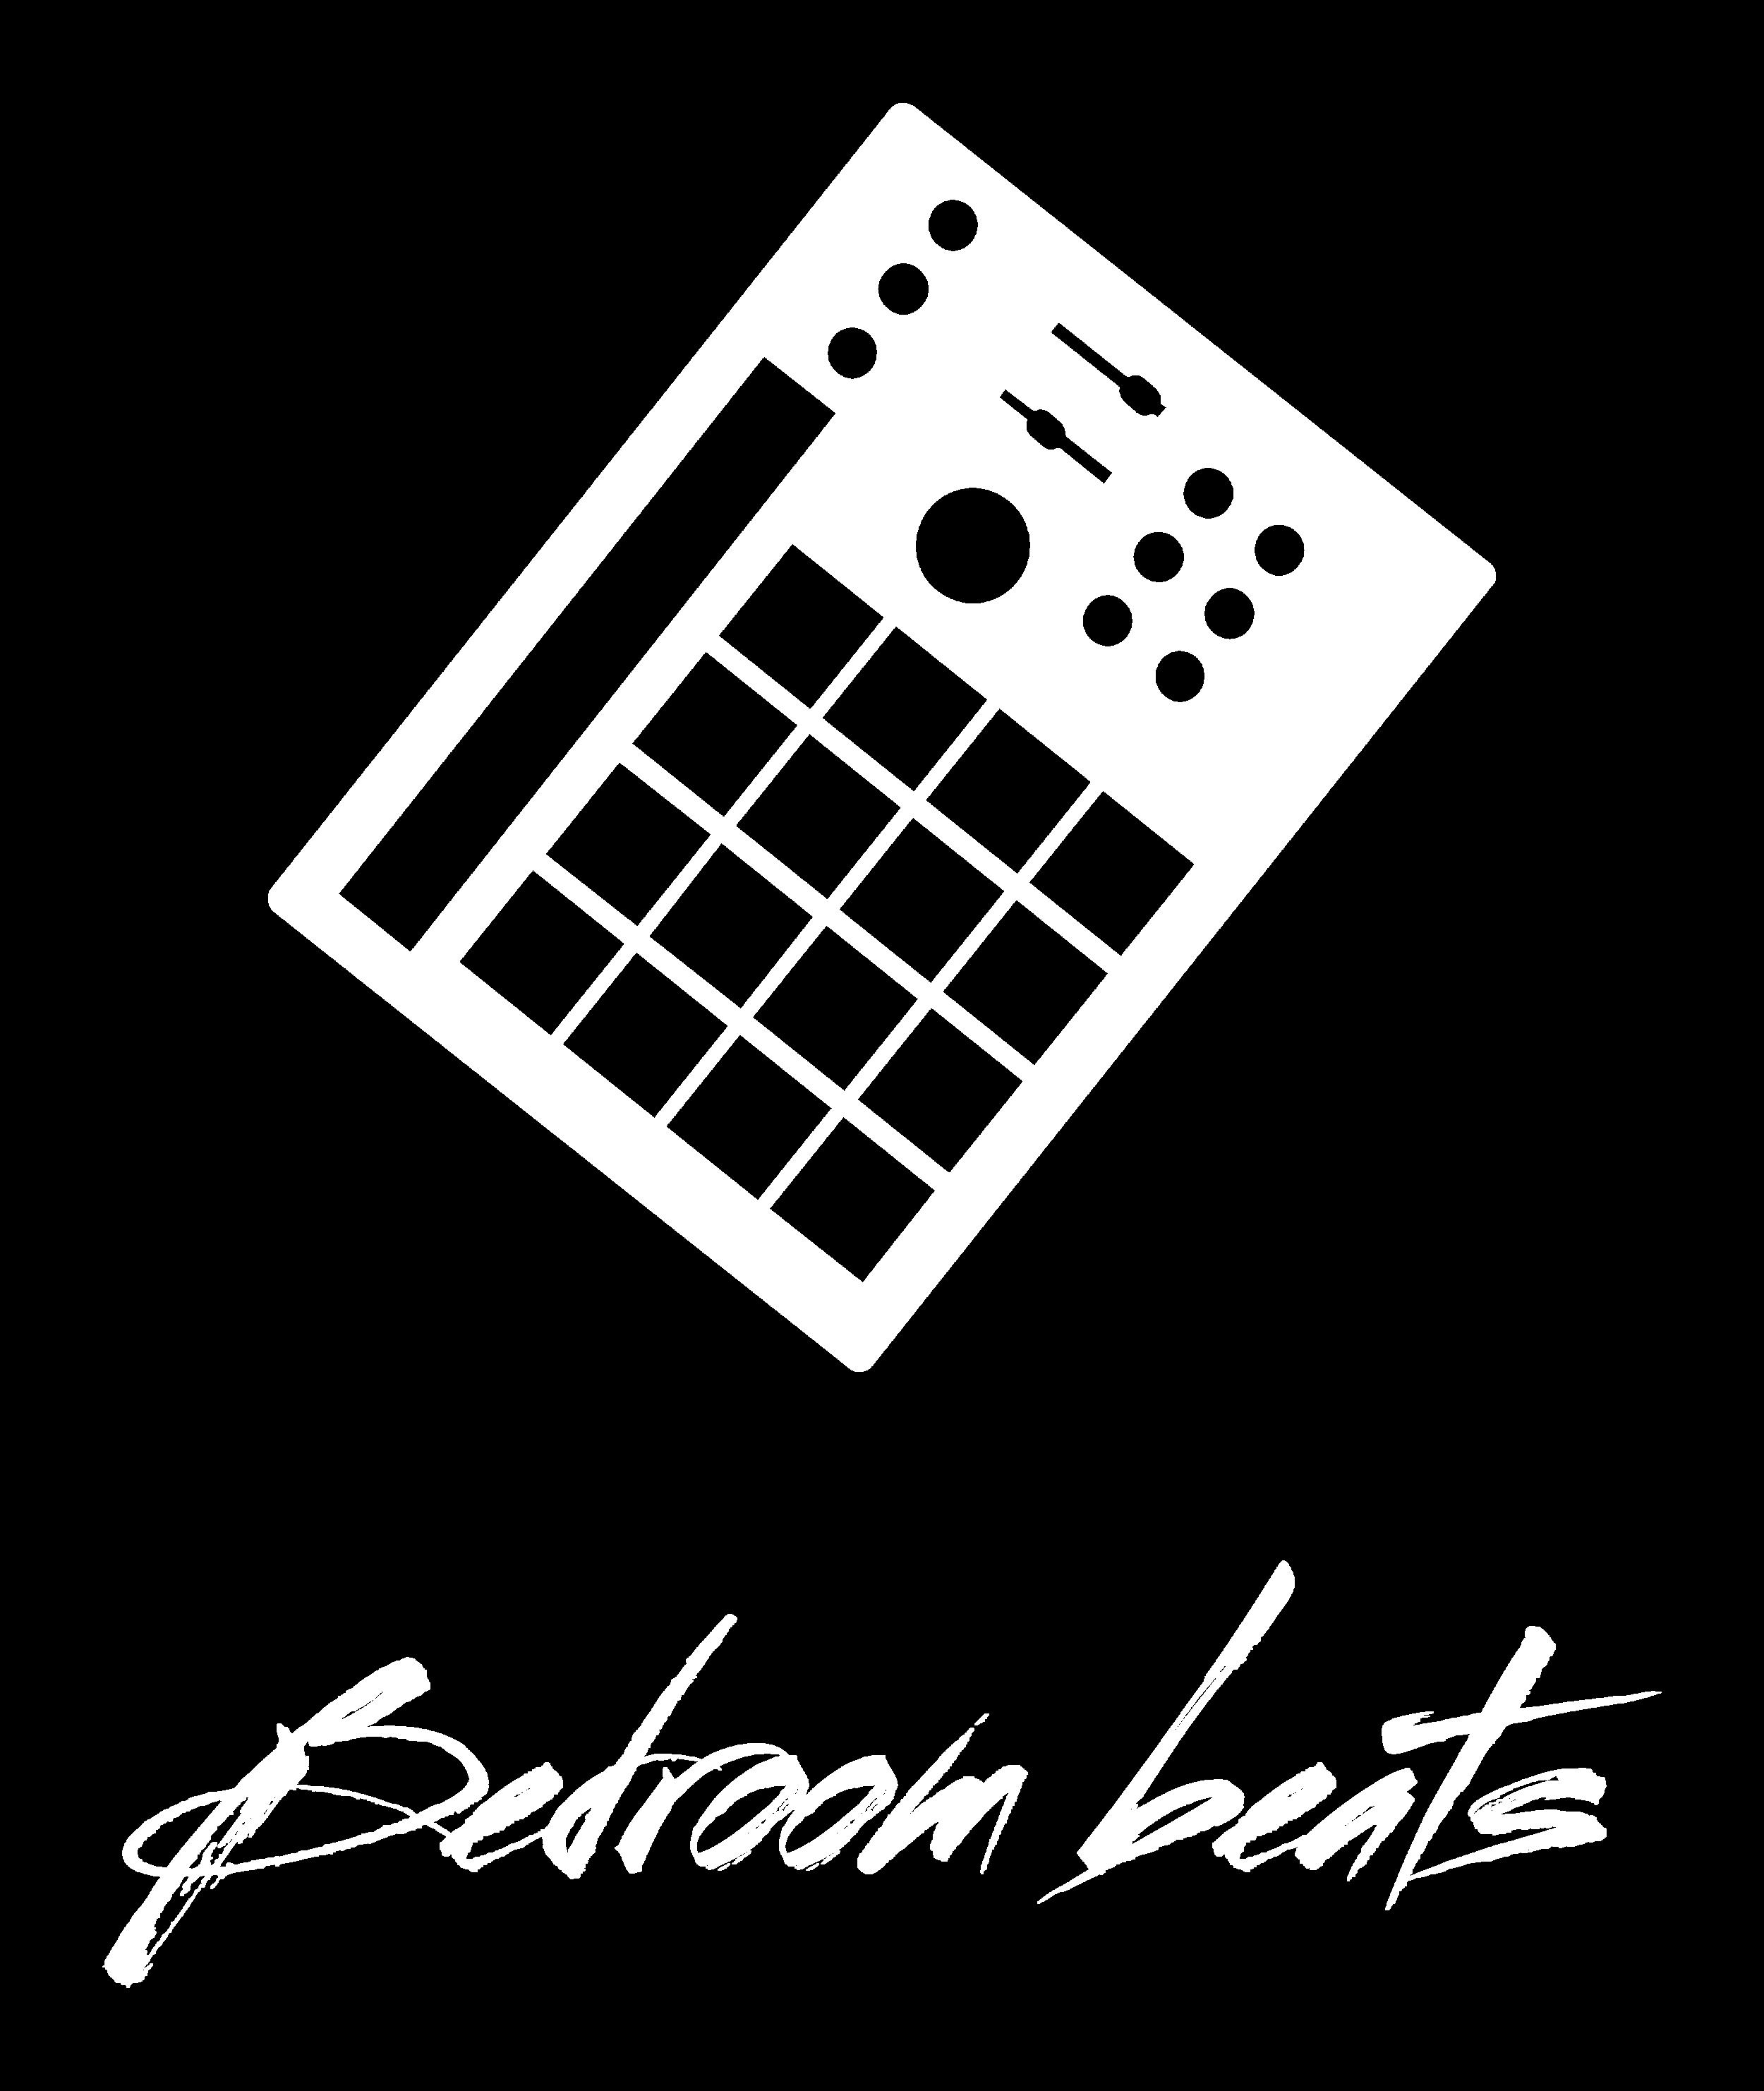 bedroom beats (white)(bem17).png